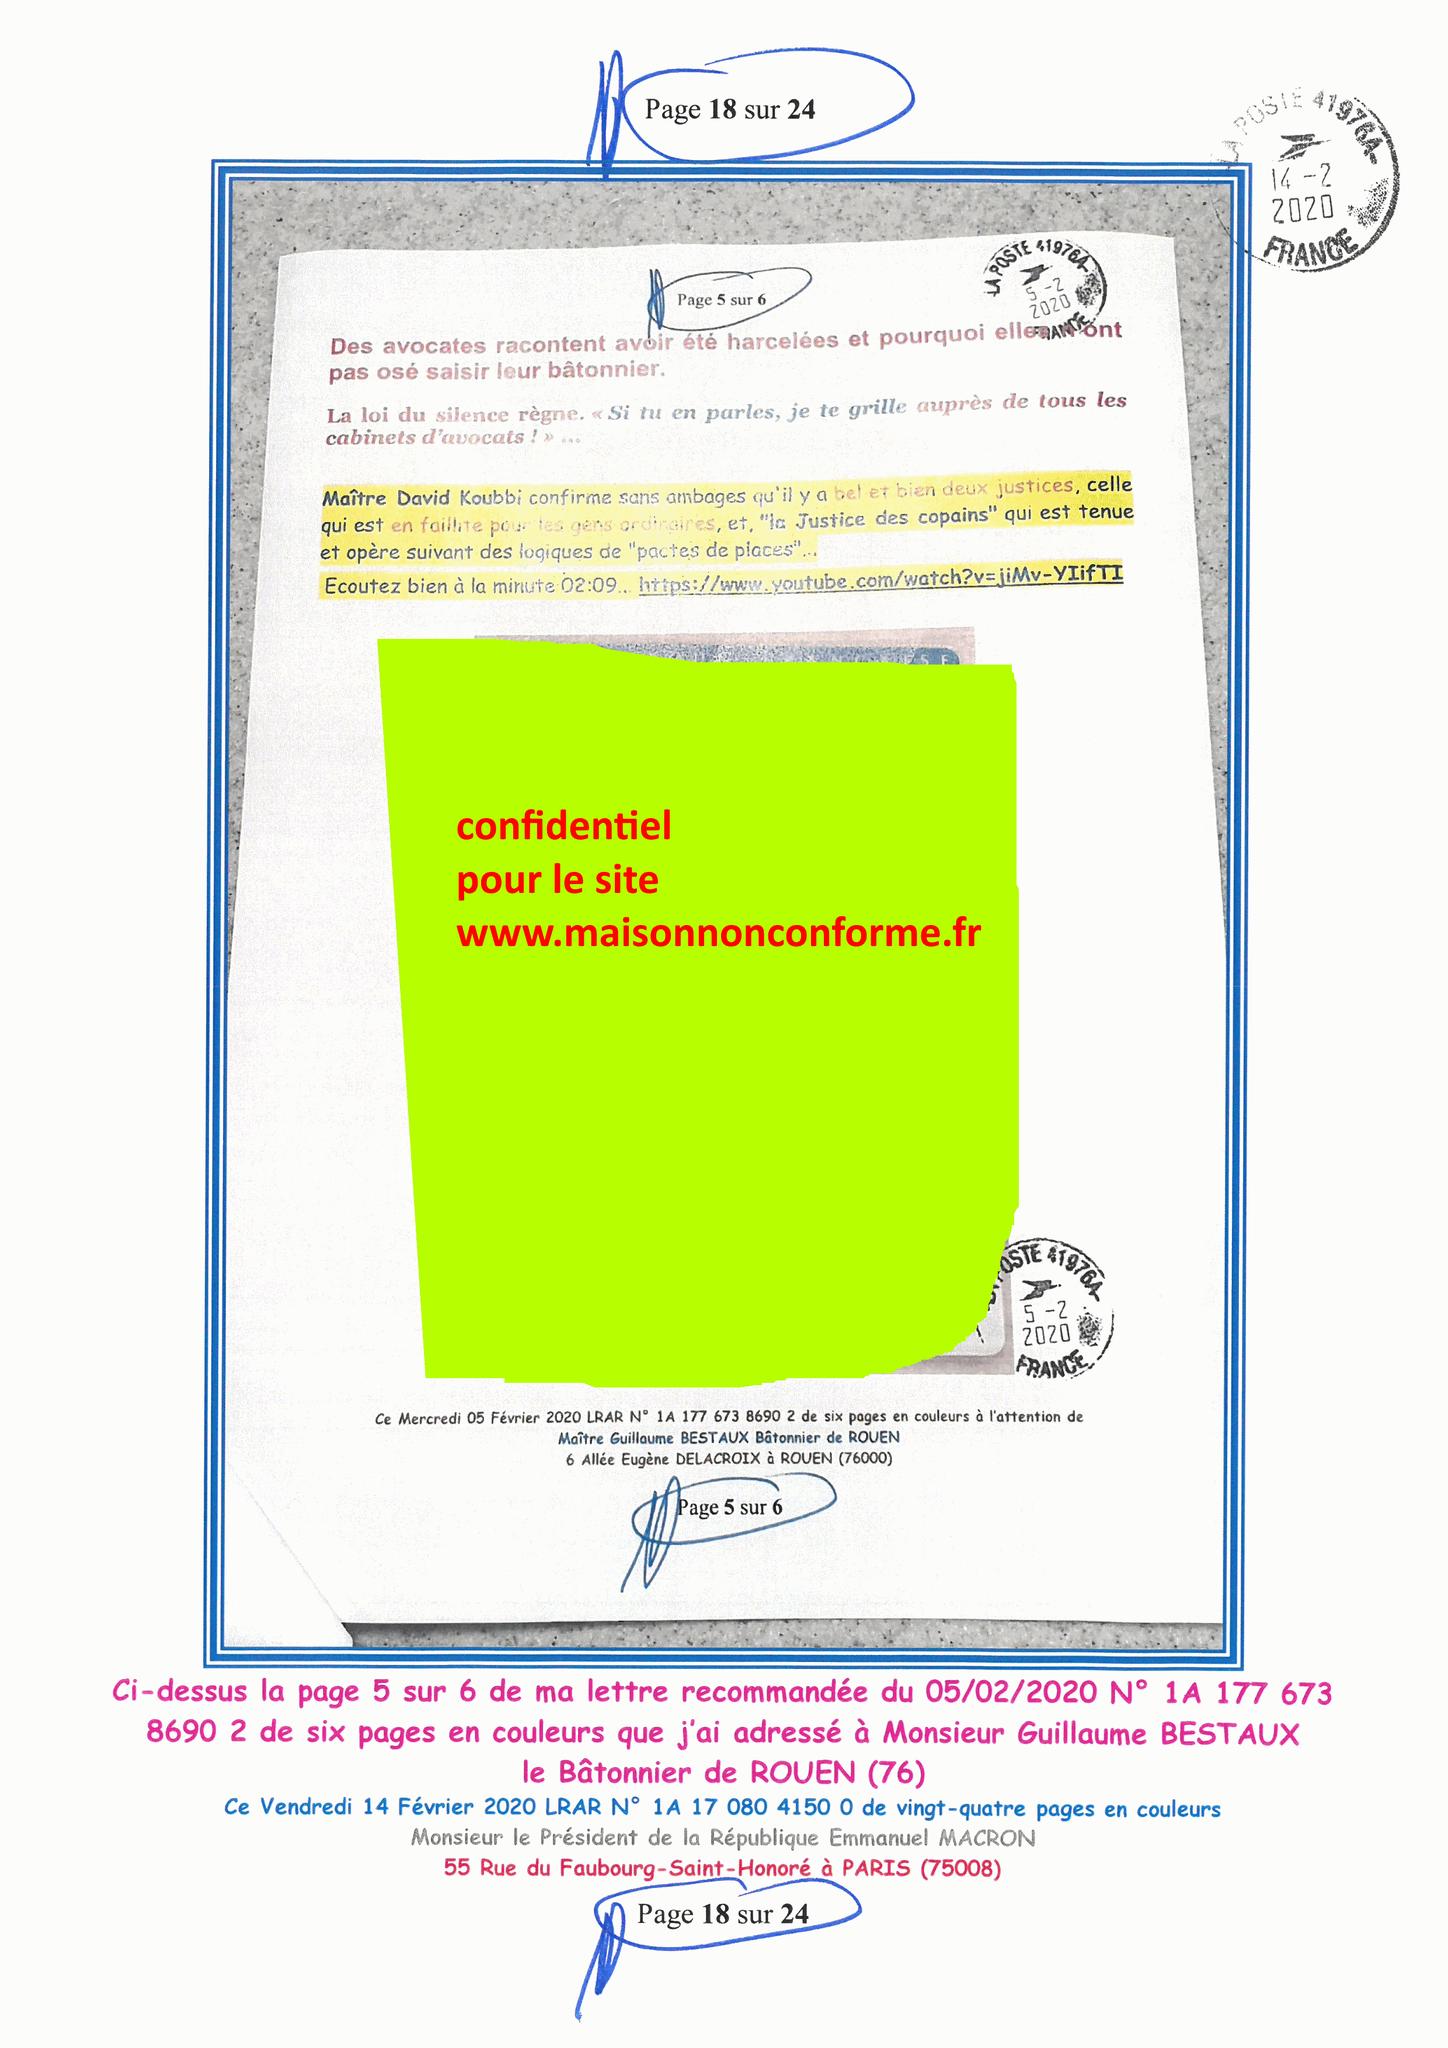 Ma lettre recommandée du 14 Février 2020 N° 1A 178 082 4150 0  page 18 sur 24 en couleur que j'ai adressé à Monsieur Emmanuel MACRON le Président de la République www.jesuispatrick.fr www.jesuisvictime.fr www.alerte-rouge-france.fr